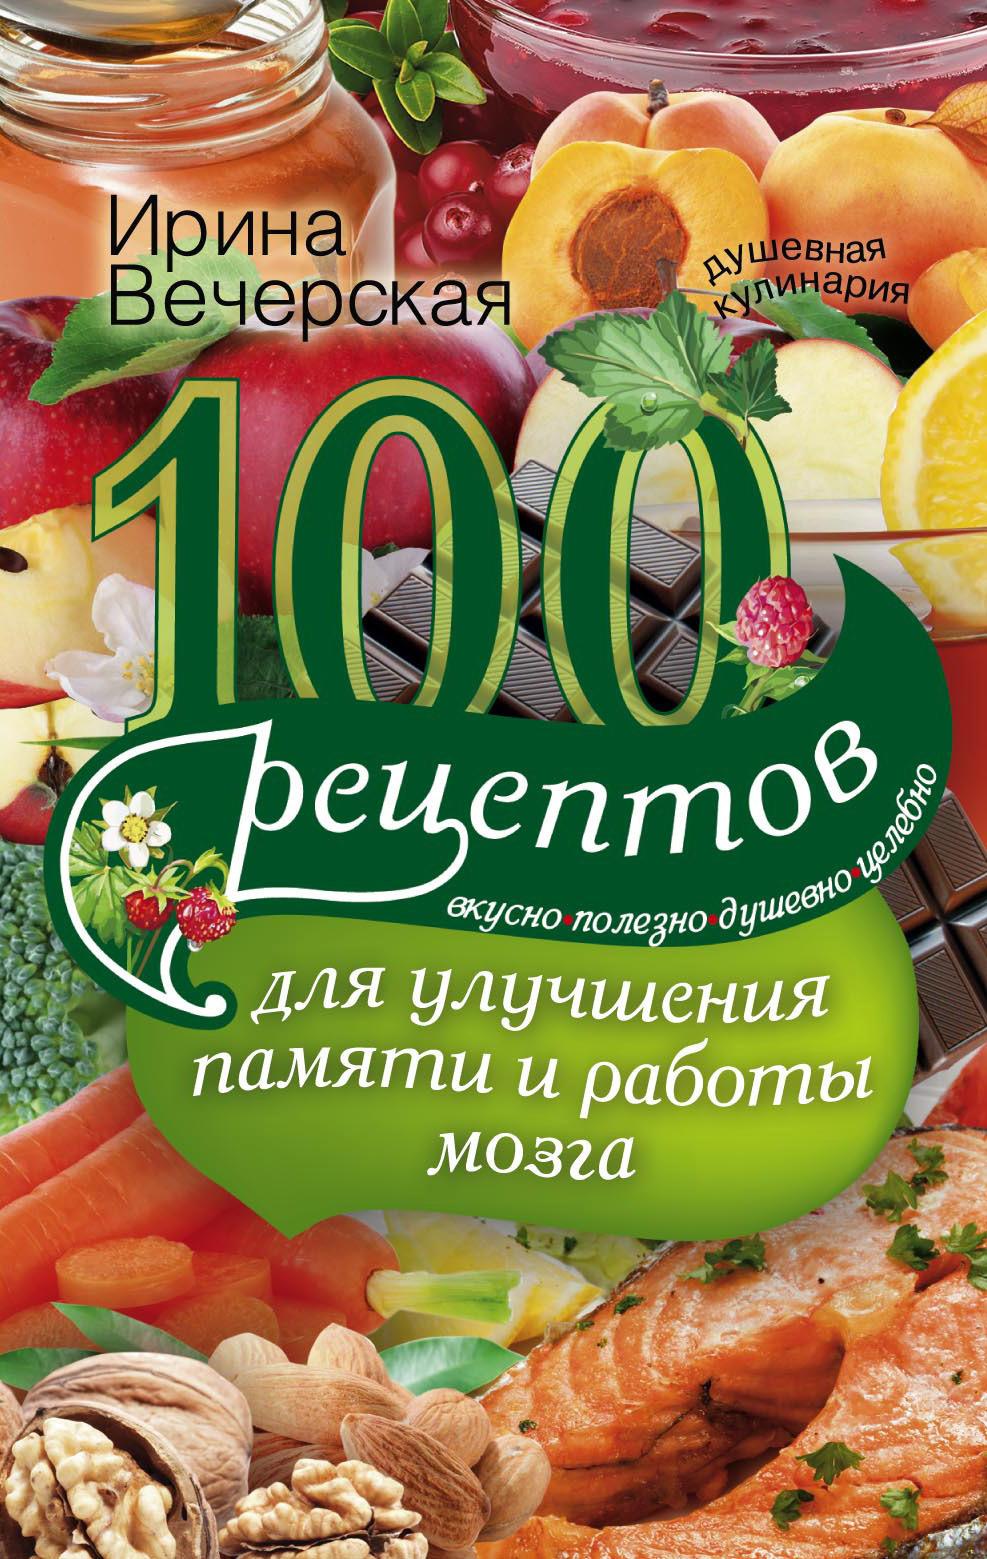 Ирина Вечерская. 100 рецептов для улучшения памяти и работы мозга. Вкусно, полезно, душевно, целебно